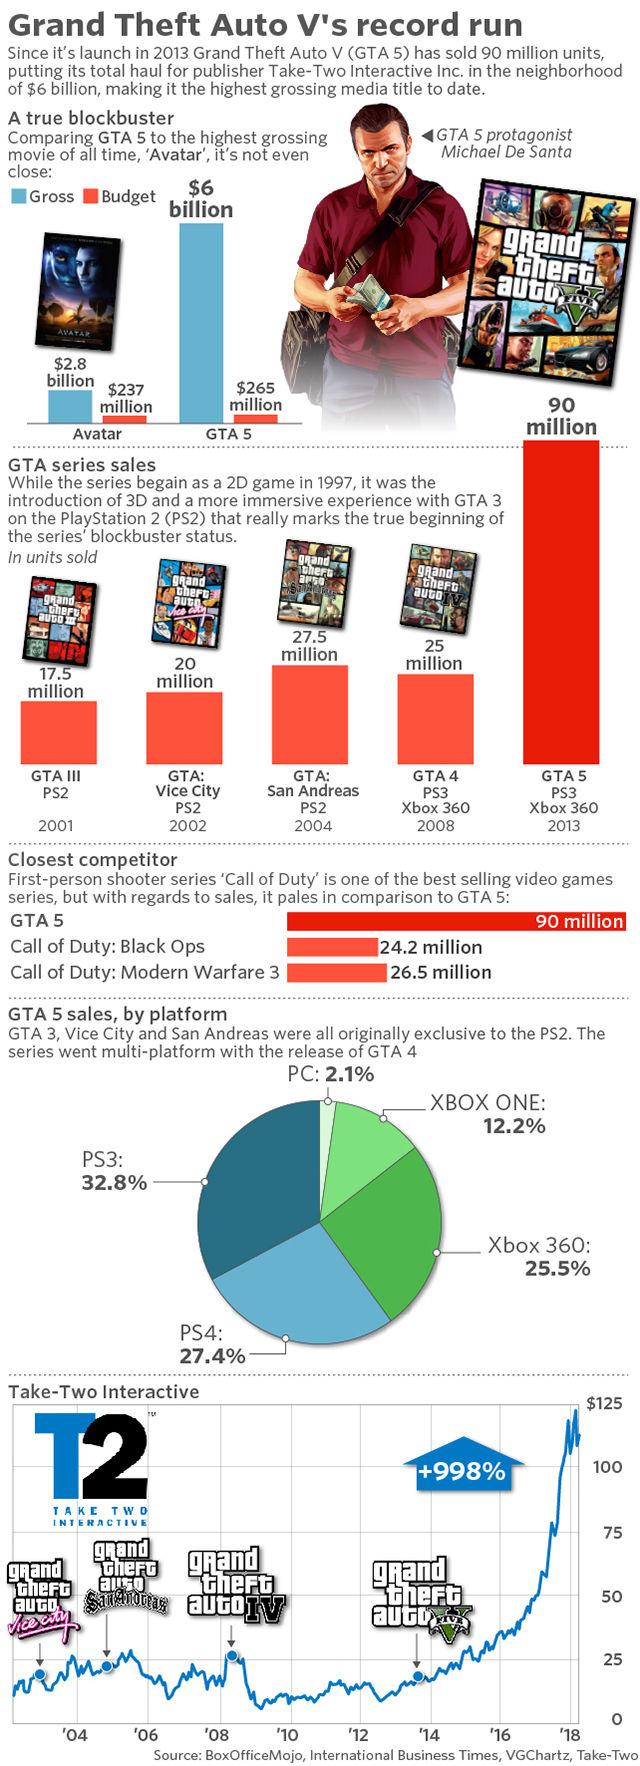 GTA 5, tüm eğlence sektöründe tarihi bir rekora imza attı